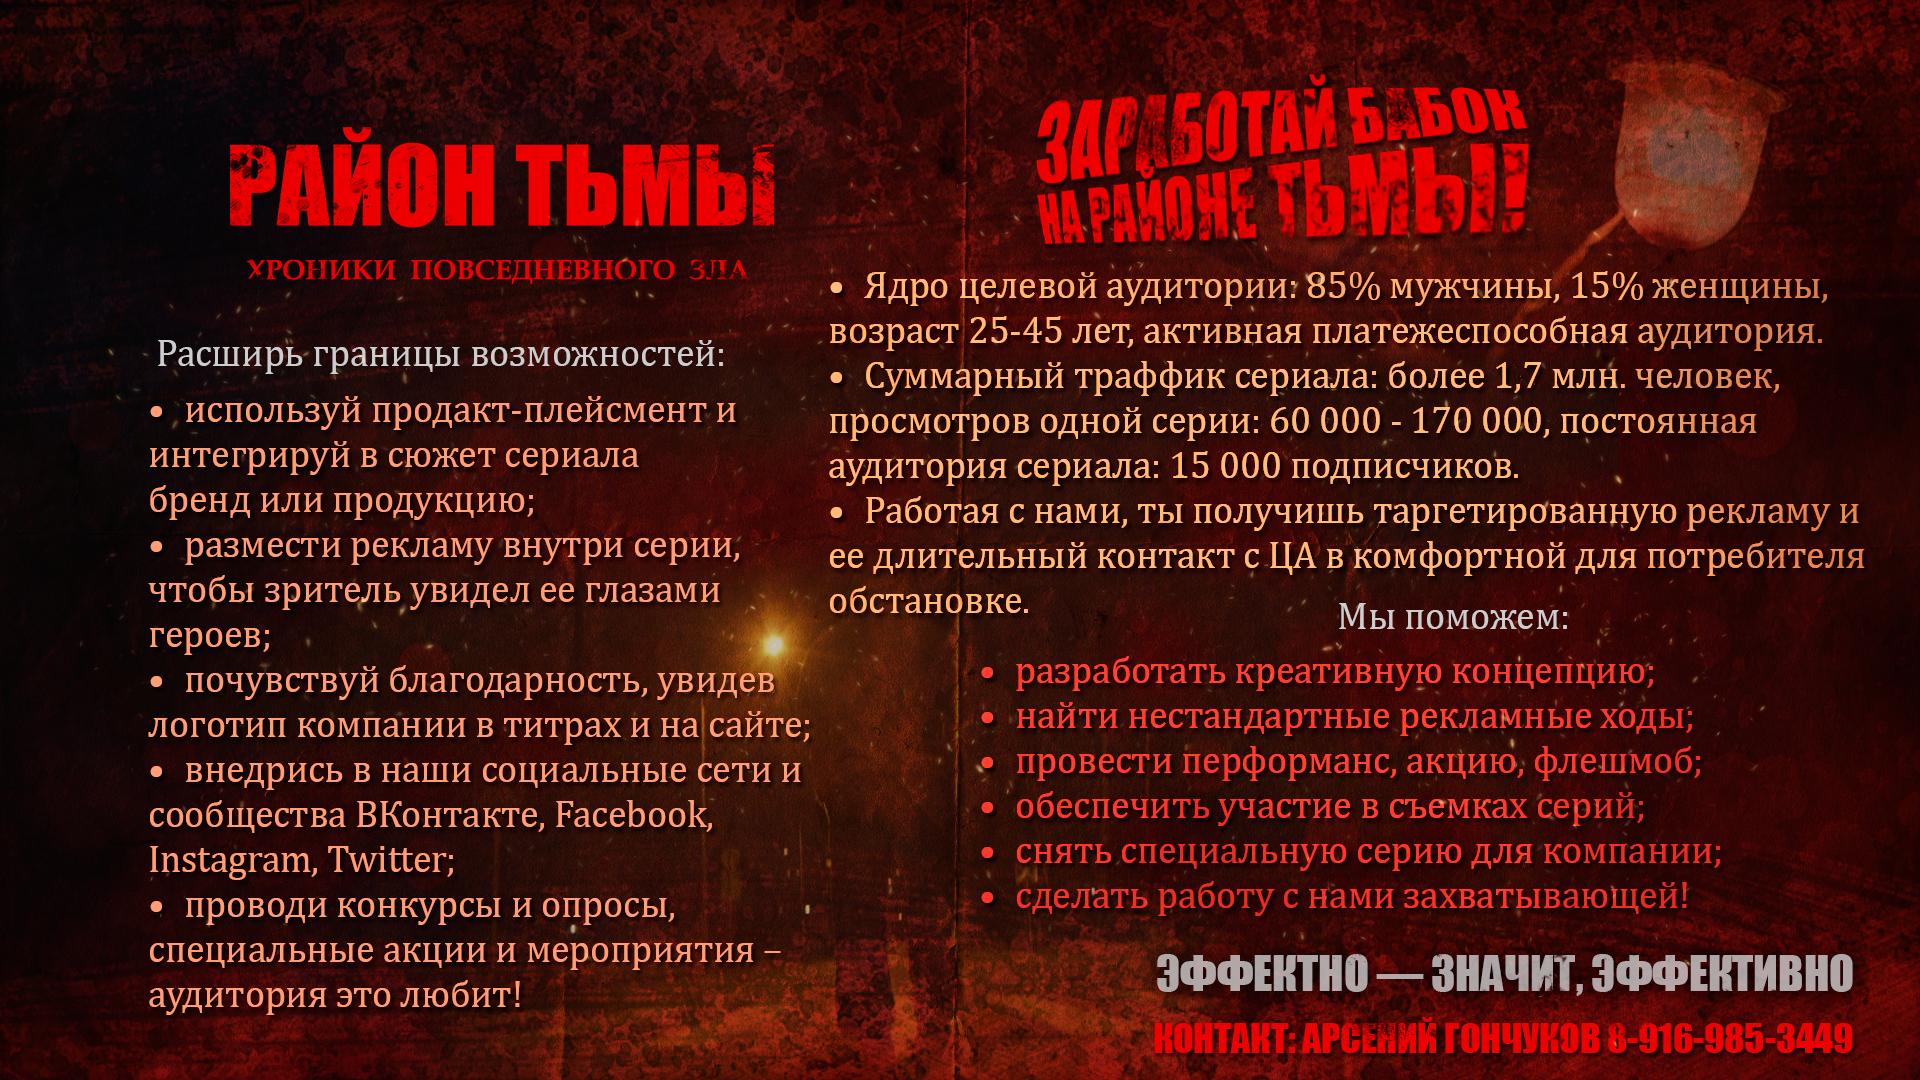 РАЙОН_ТЬМЫ_ПРЕЗЕНТАЦИЯ_7_рекл